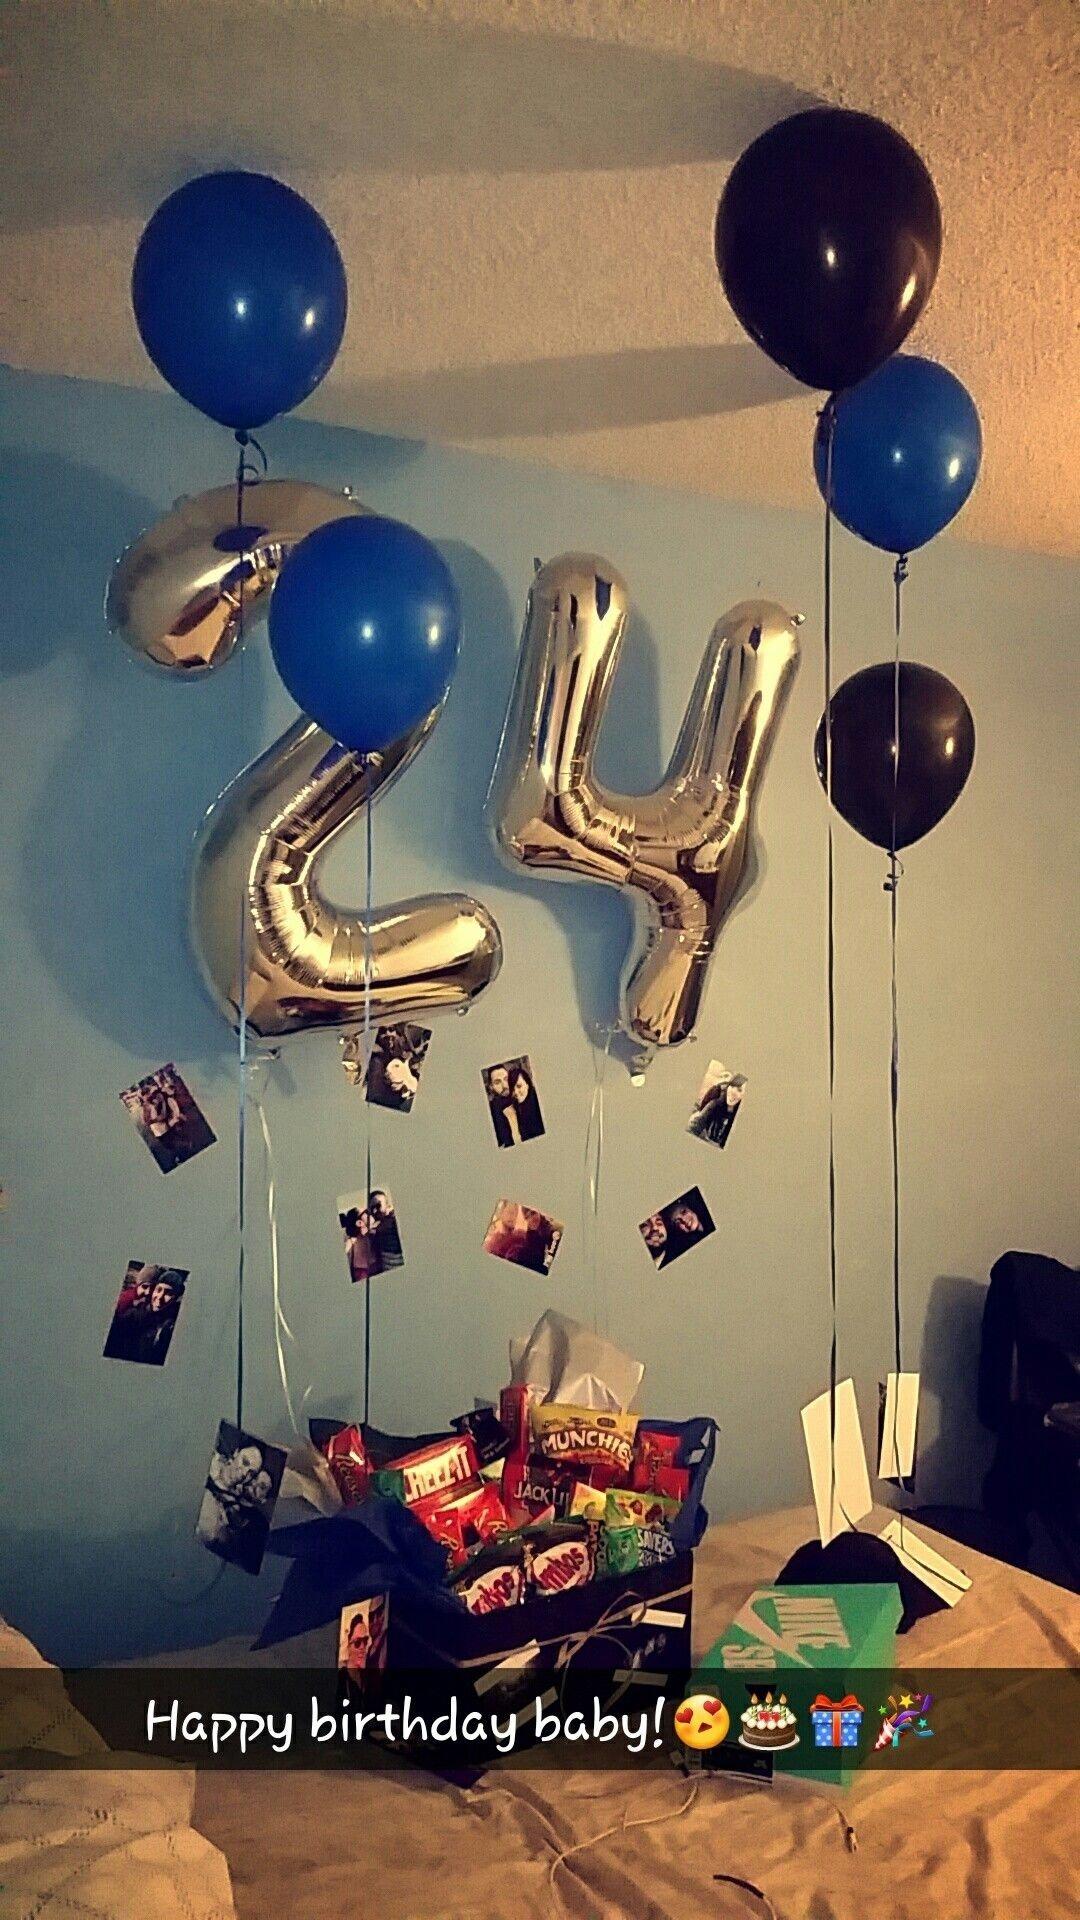 birthday surprise for his birthday!   boyfriend gift ideas